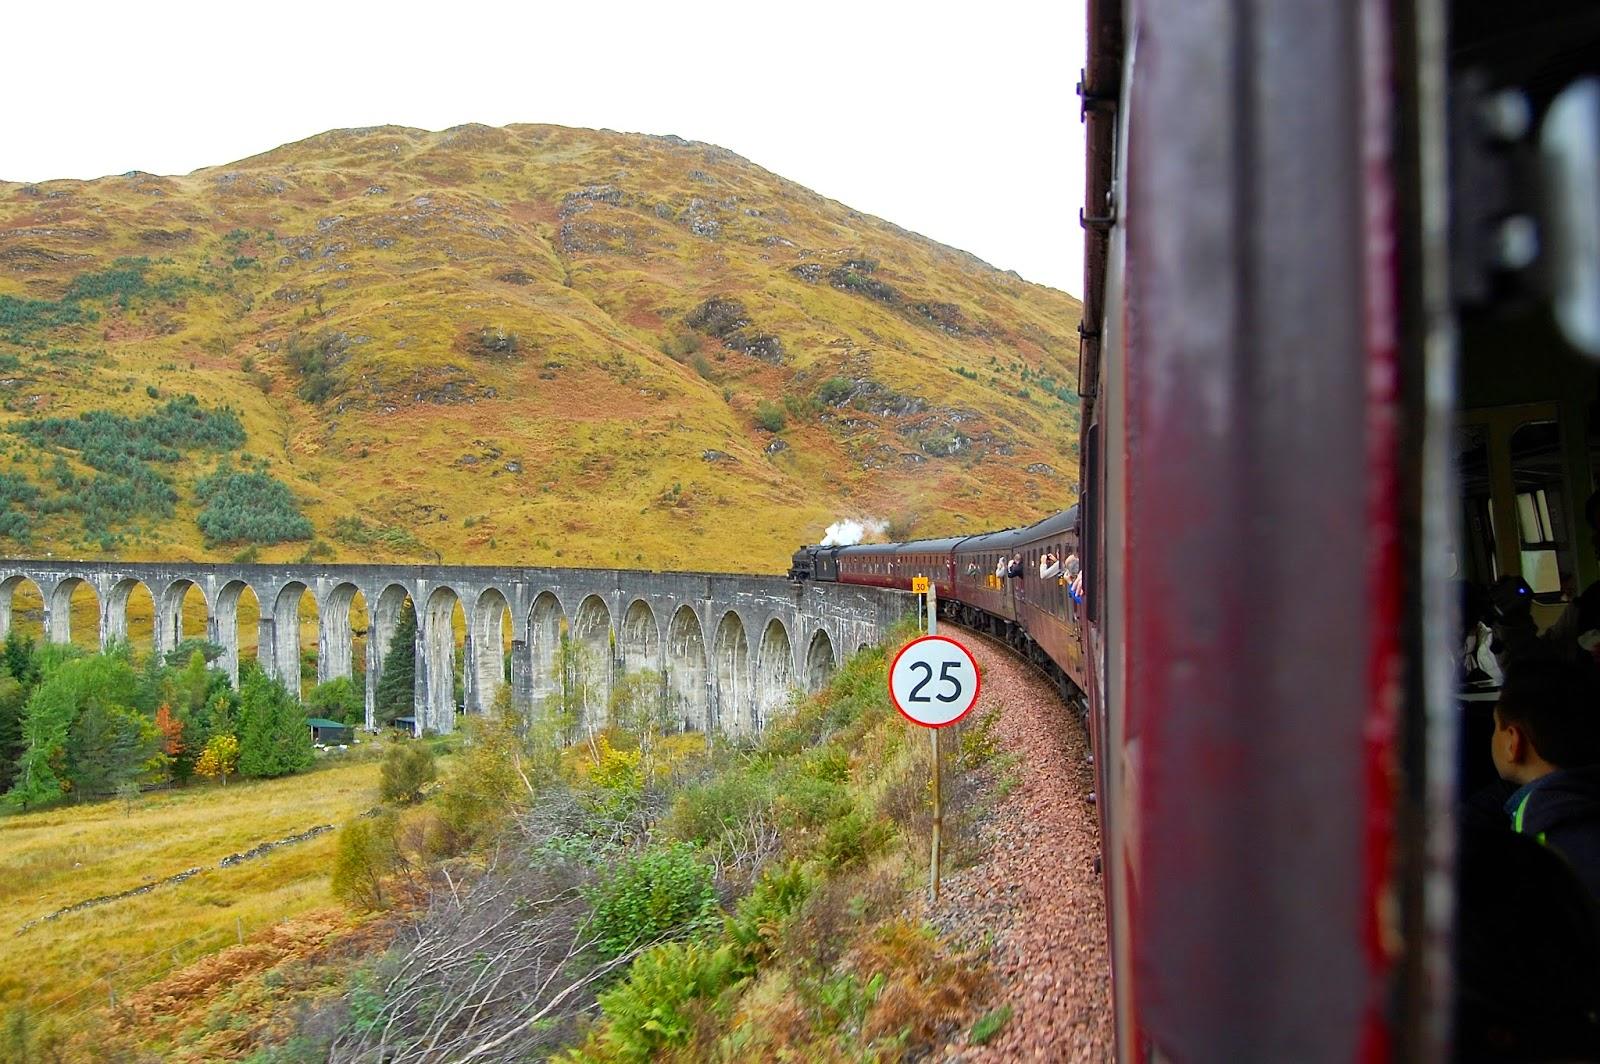 Скорость движения по виадуку ограничена, поэтому пассажиры поезда успевают рассмотреть окружающие красоты и сфотографироваться.